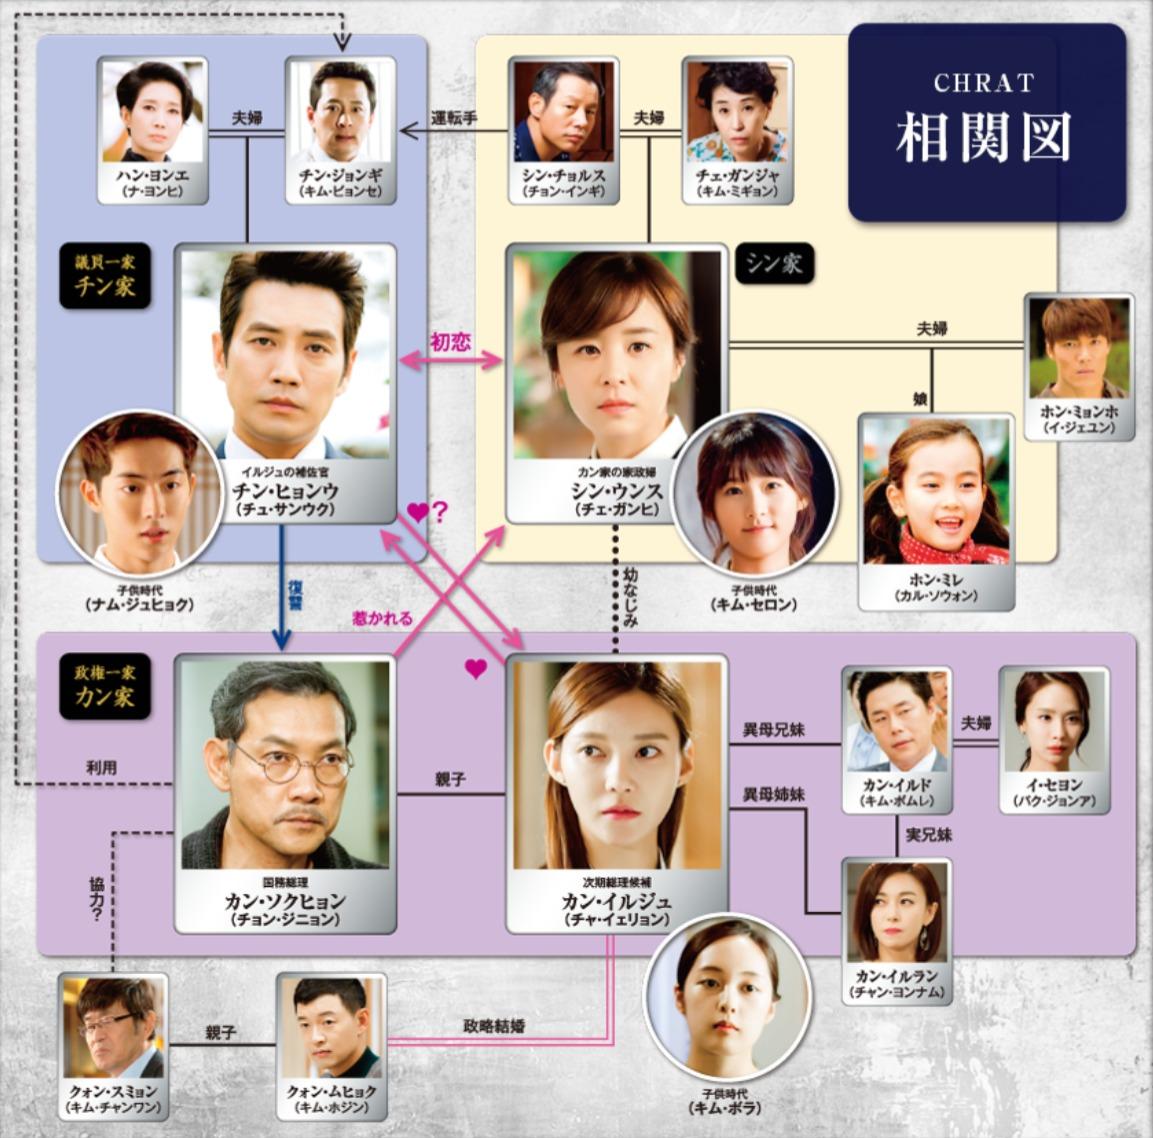 韓国ドラマ『華麗なる誘惑』登場人物相関図(関係図)